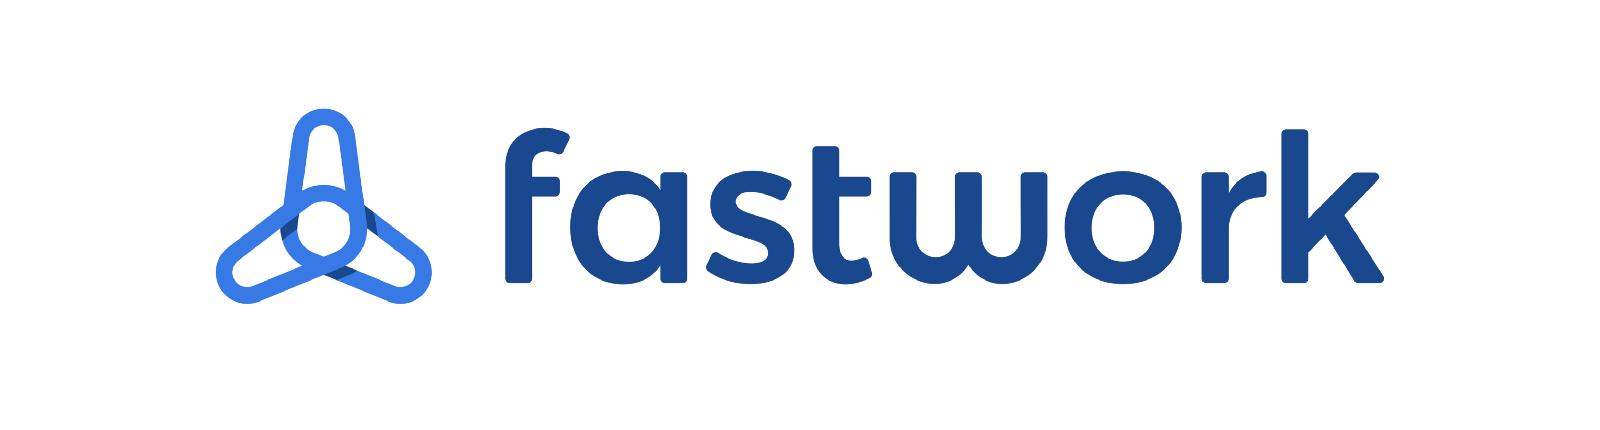 fastwork logo